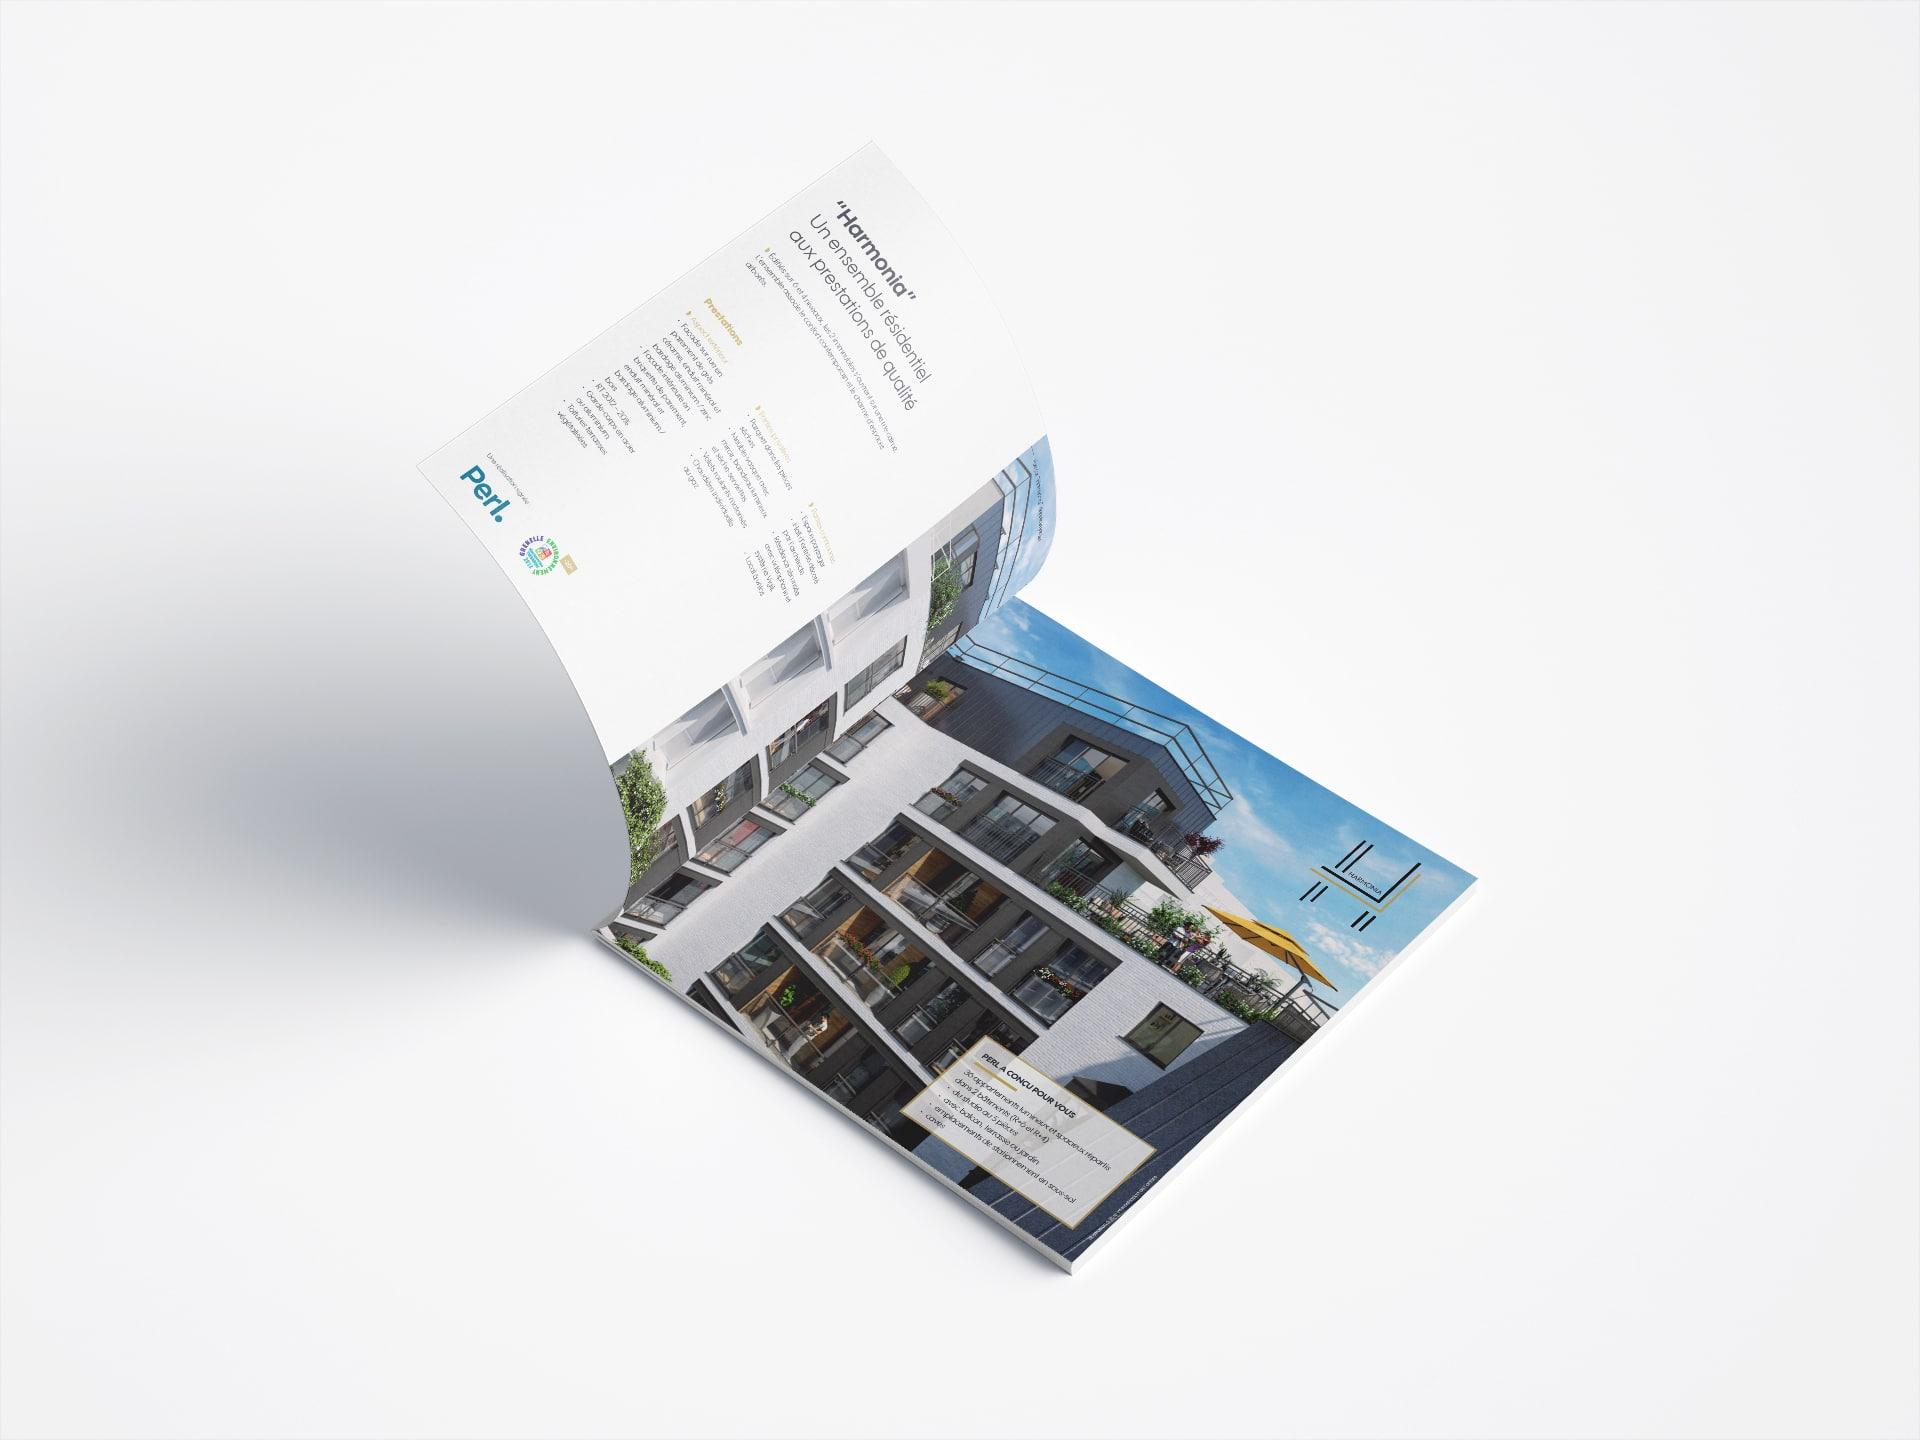 Il y a une brochure commerciale pour un programme immobilier de Paris, réalisée par l'agence de communication agile Siouxe à Paris, pour Perl.